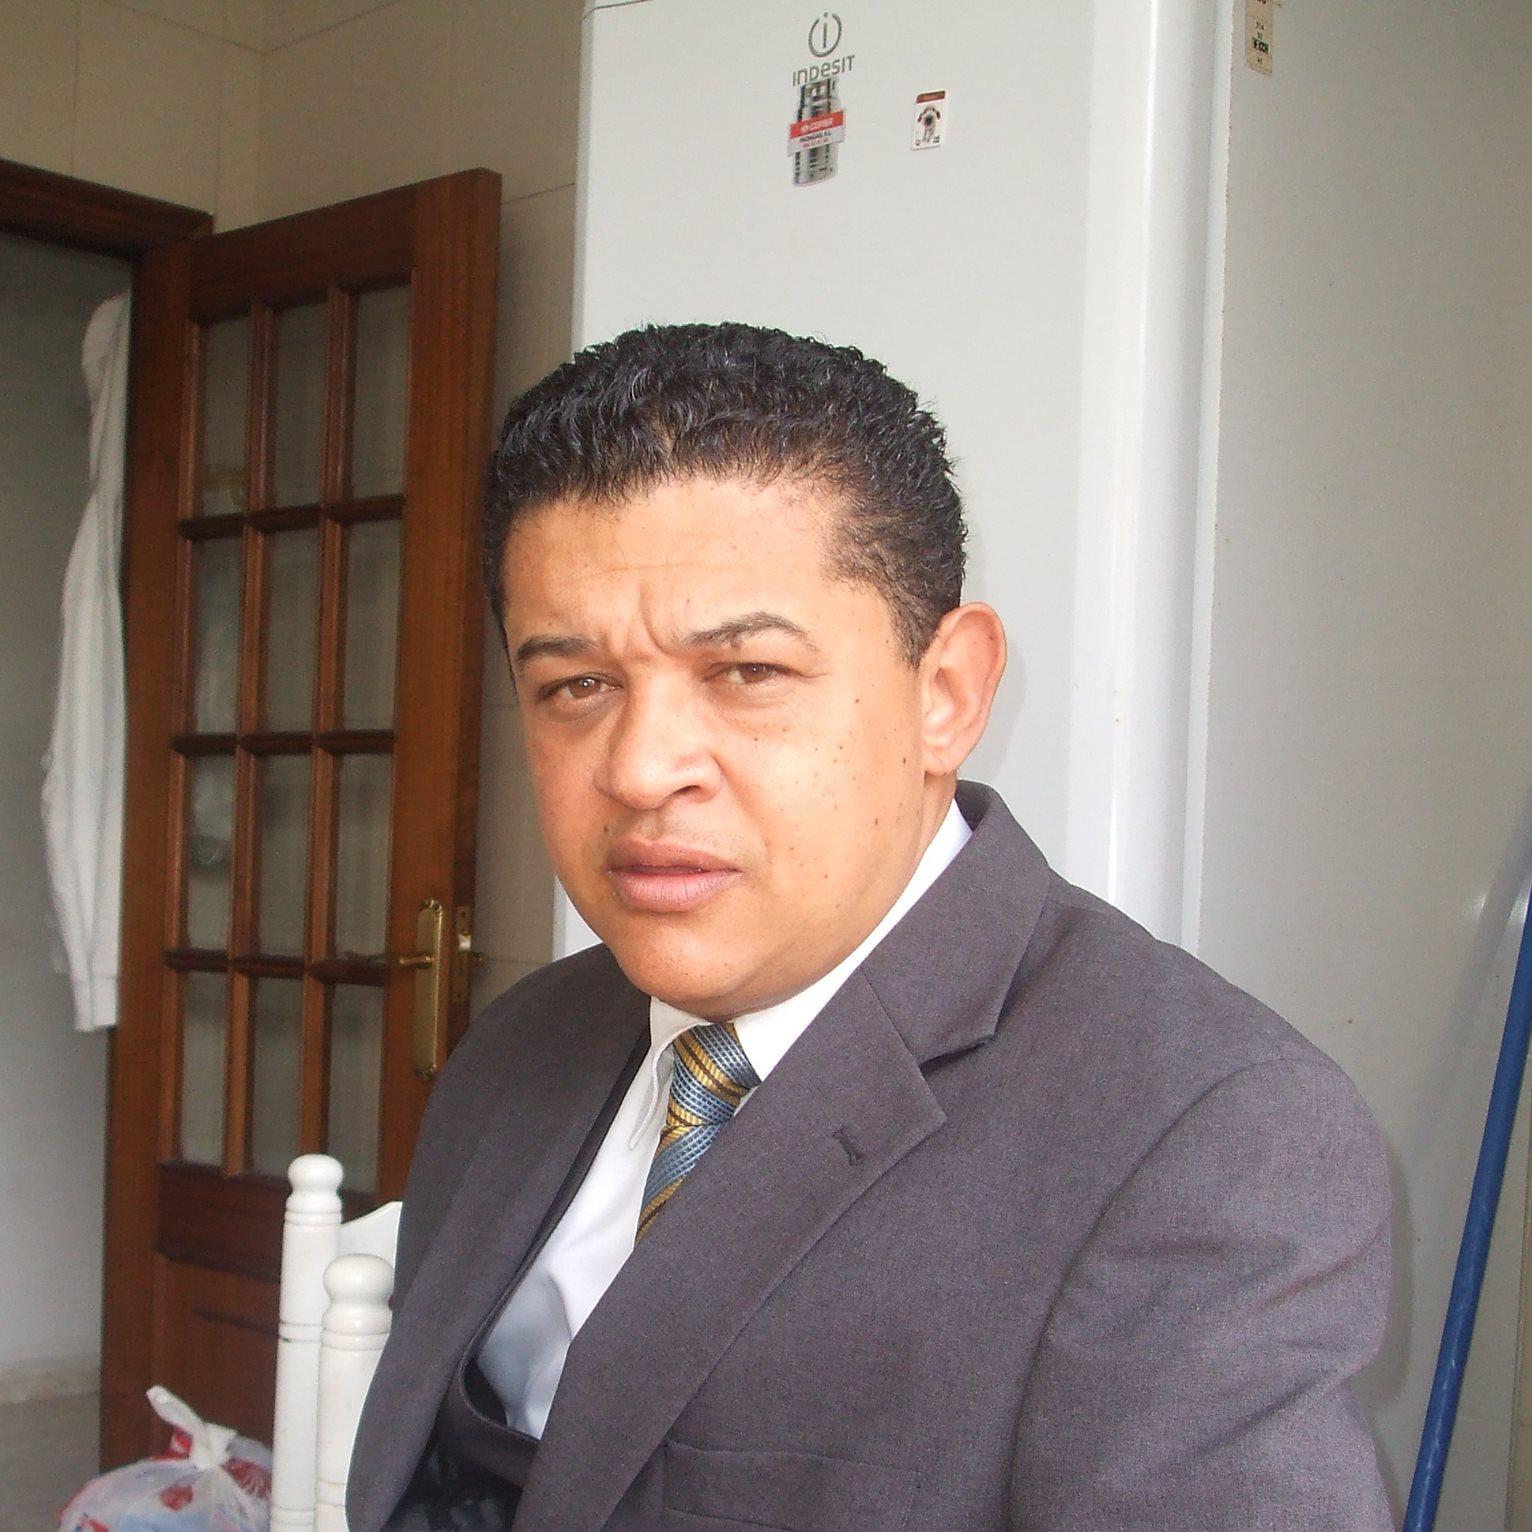 Sérgio Alfaya